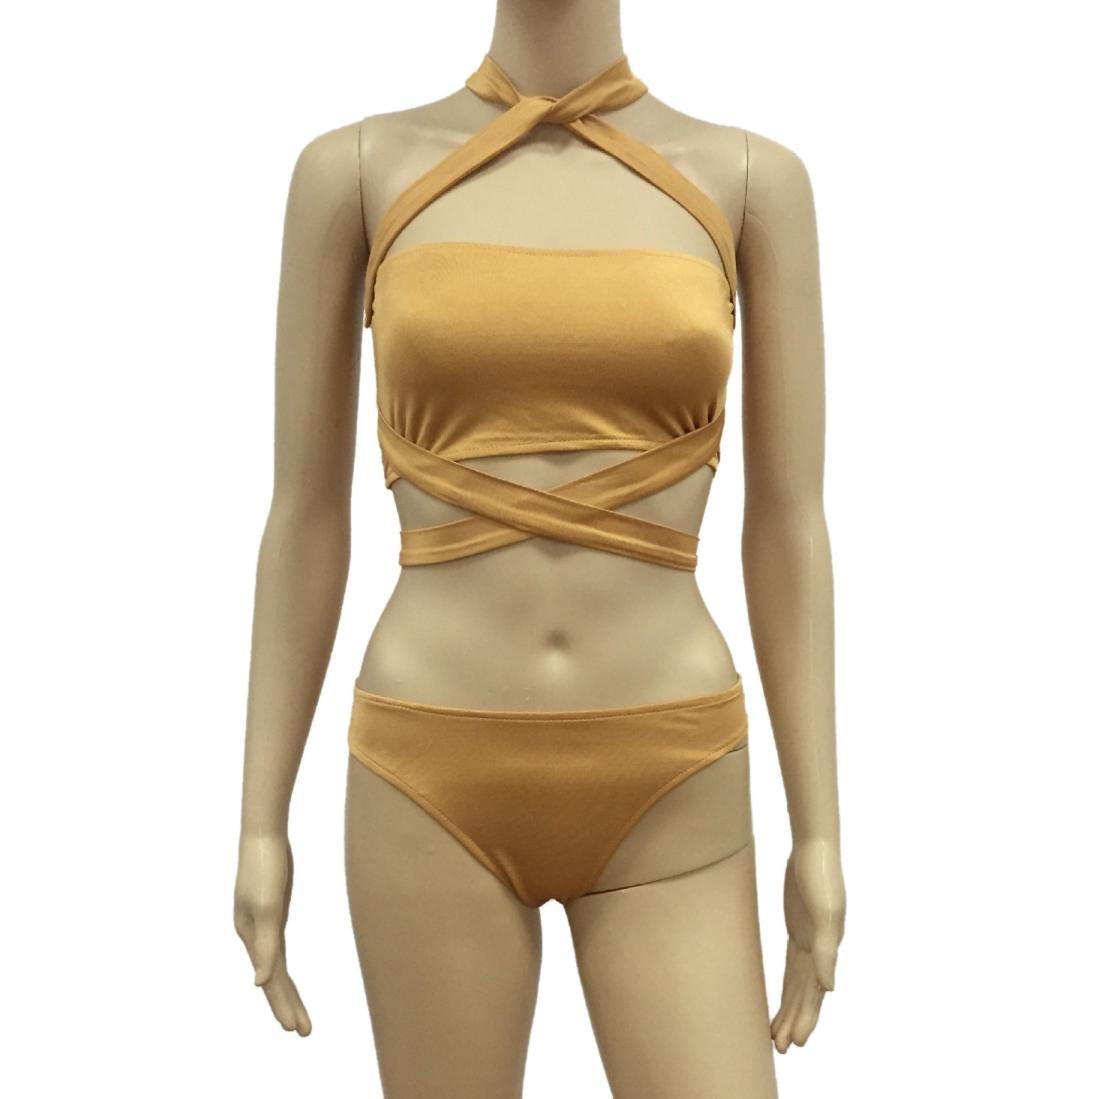 M, Blanco Xinantime Ba/ñadores Deportivas Mujer Vendaje Bba/ño de Una Pieza del Bikini